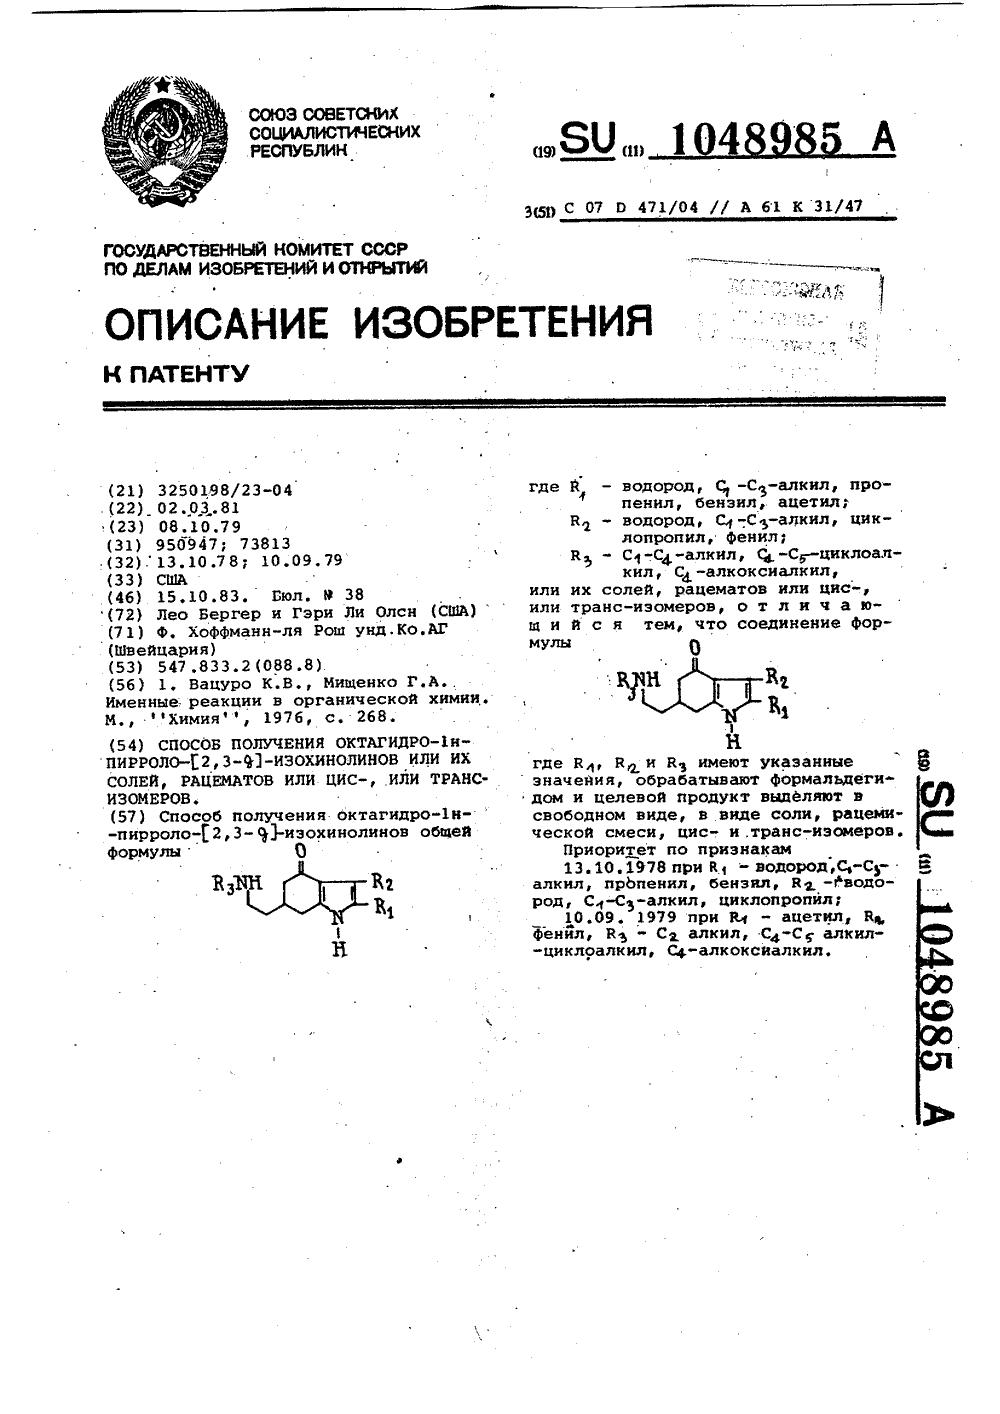 Найдите состав смеси цис и транс изомеров